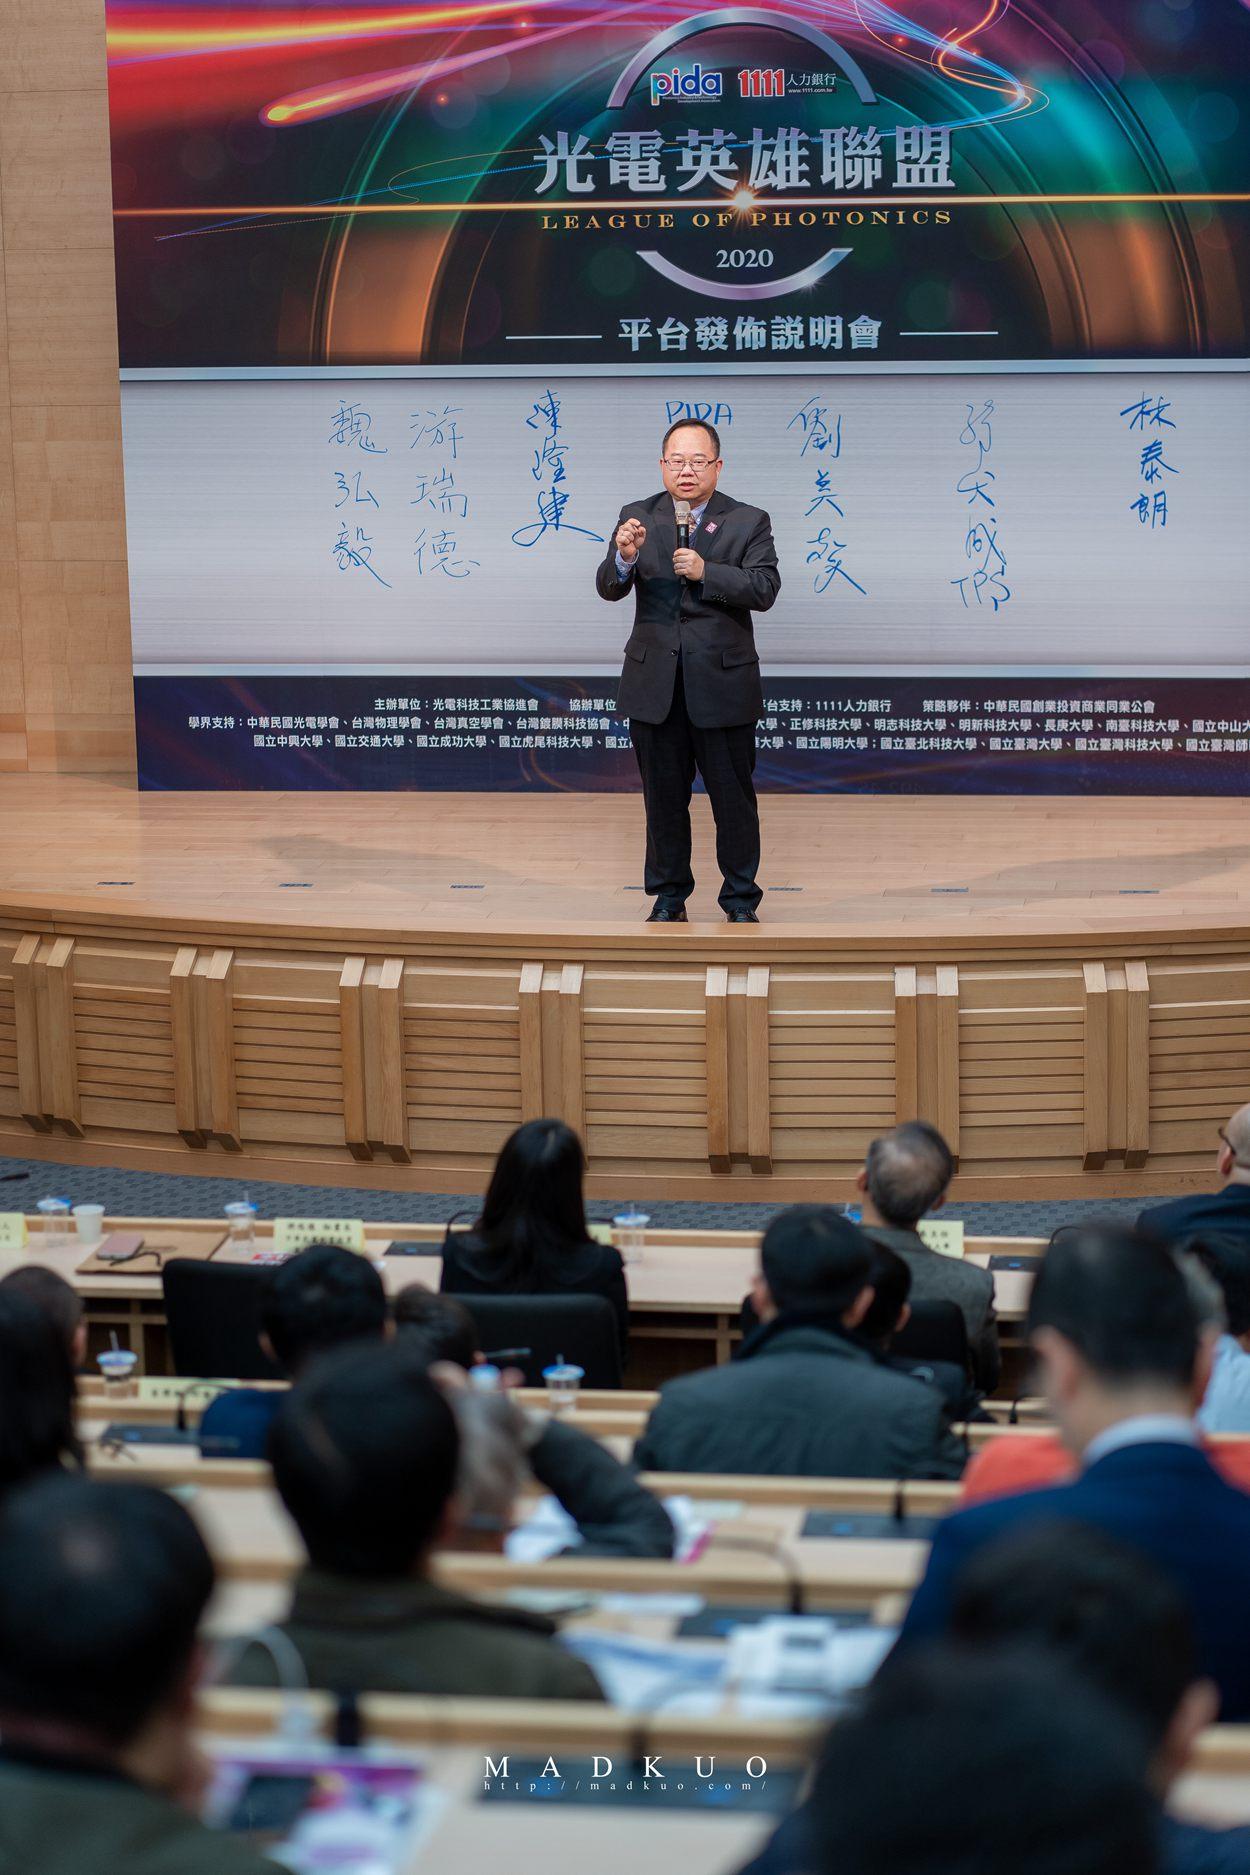 台北會議攝影,台北活動攝影